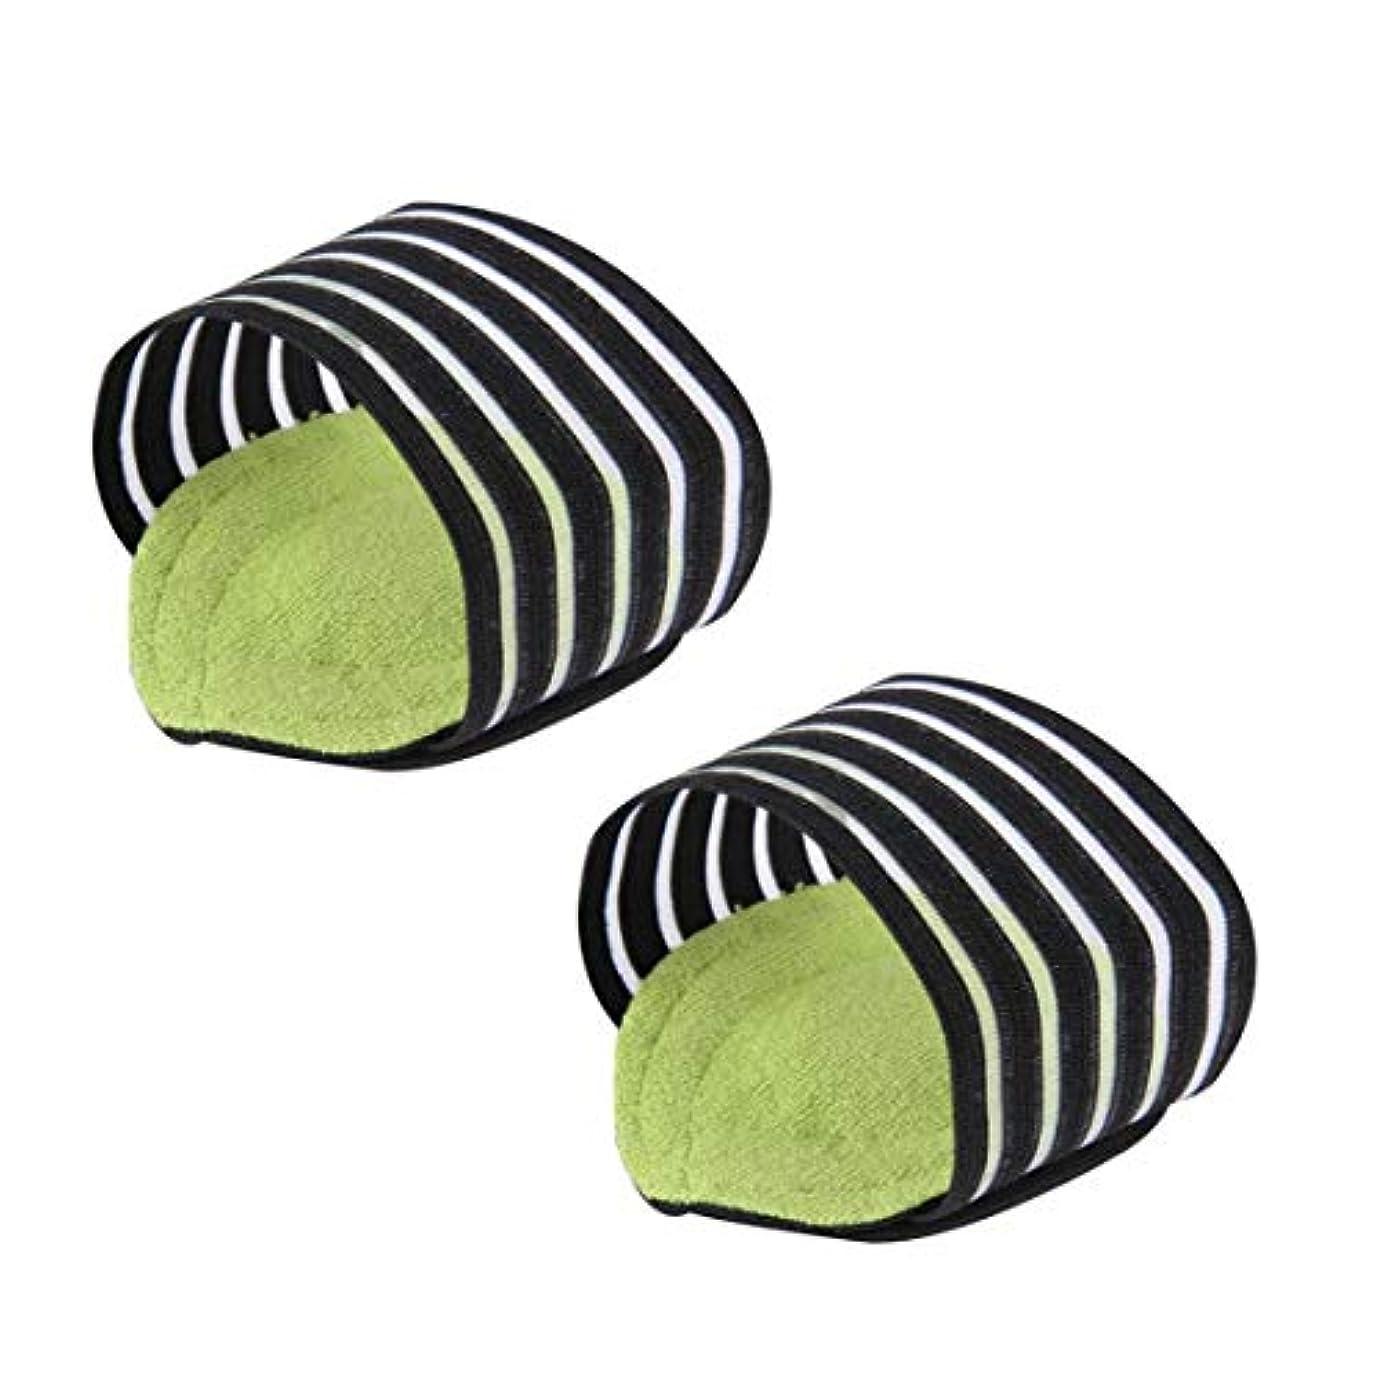 不機嫌ご予約ペインティング健康足を守るケア痛みアーチサポートクッションフットパッドランニングパッドフット (Rustle666)